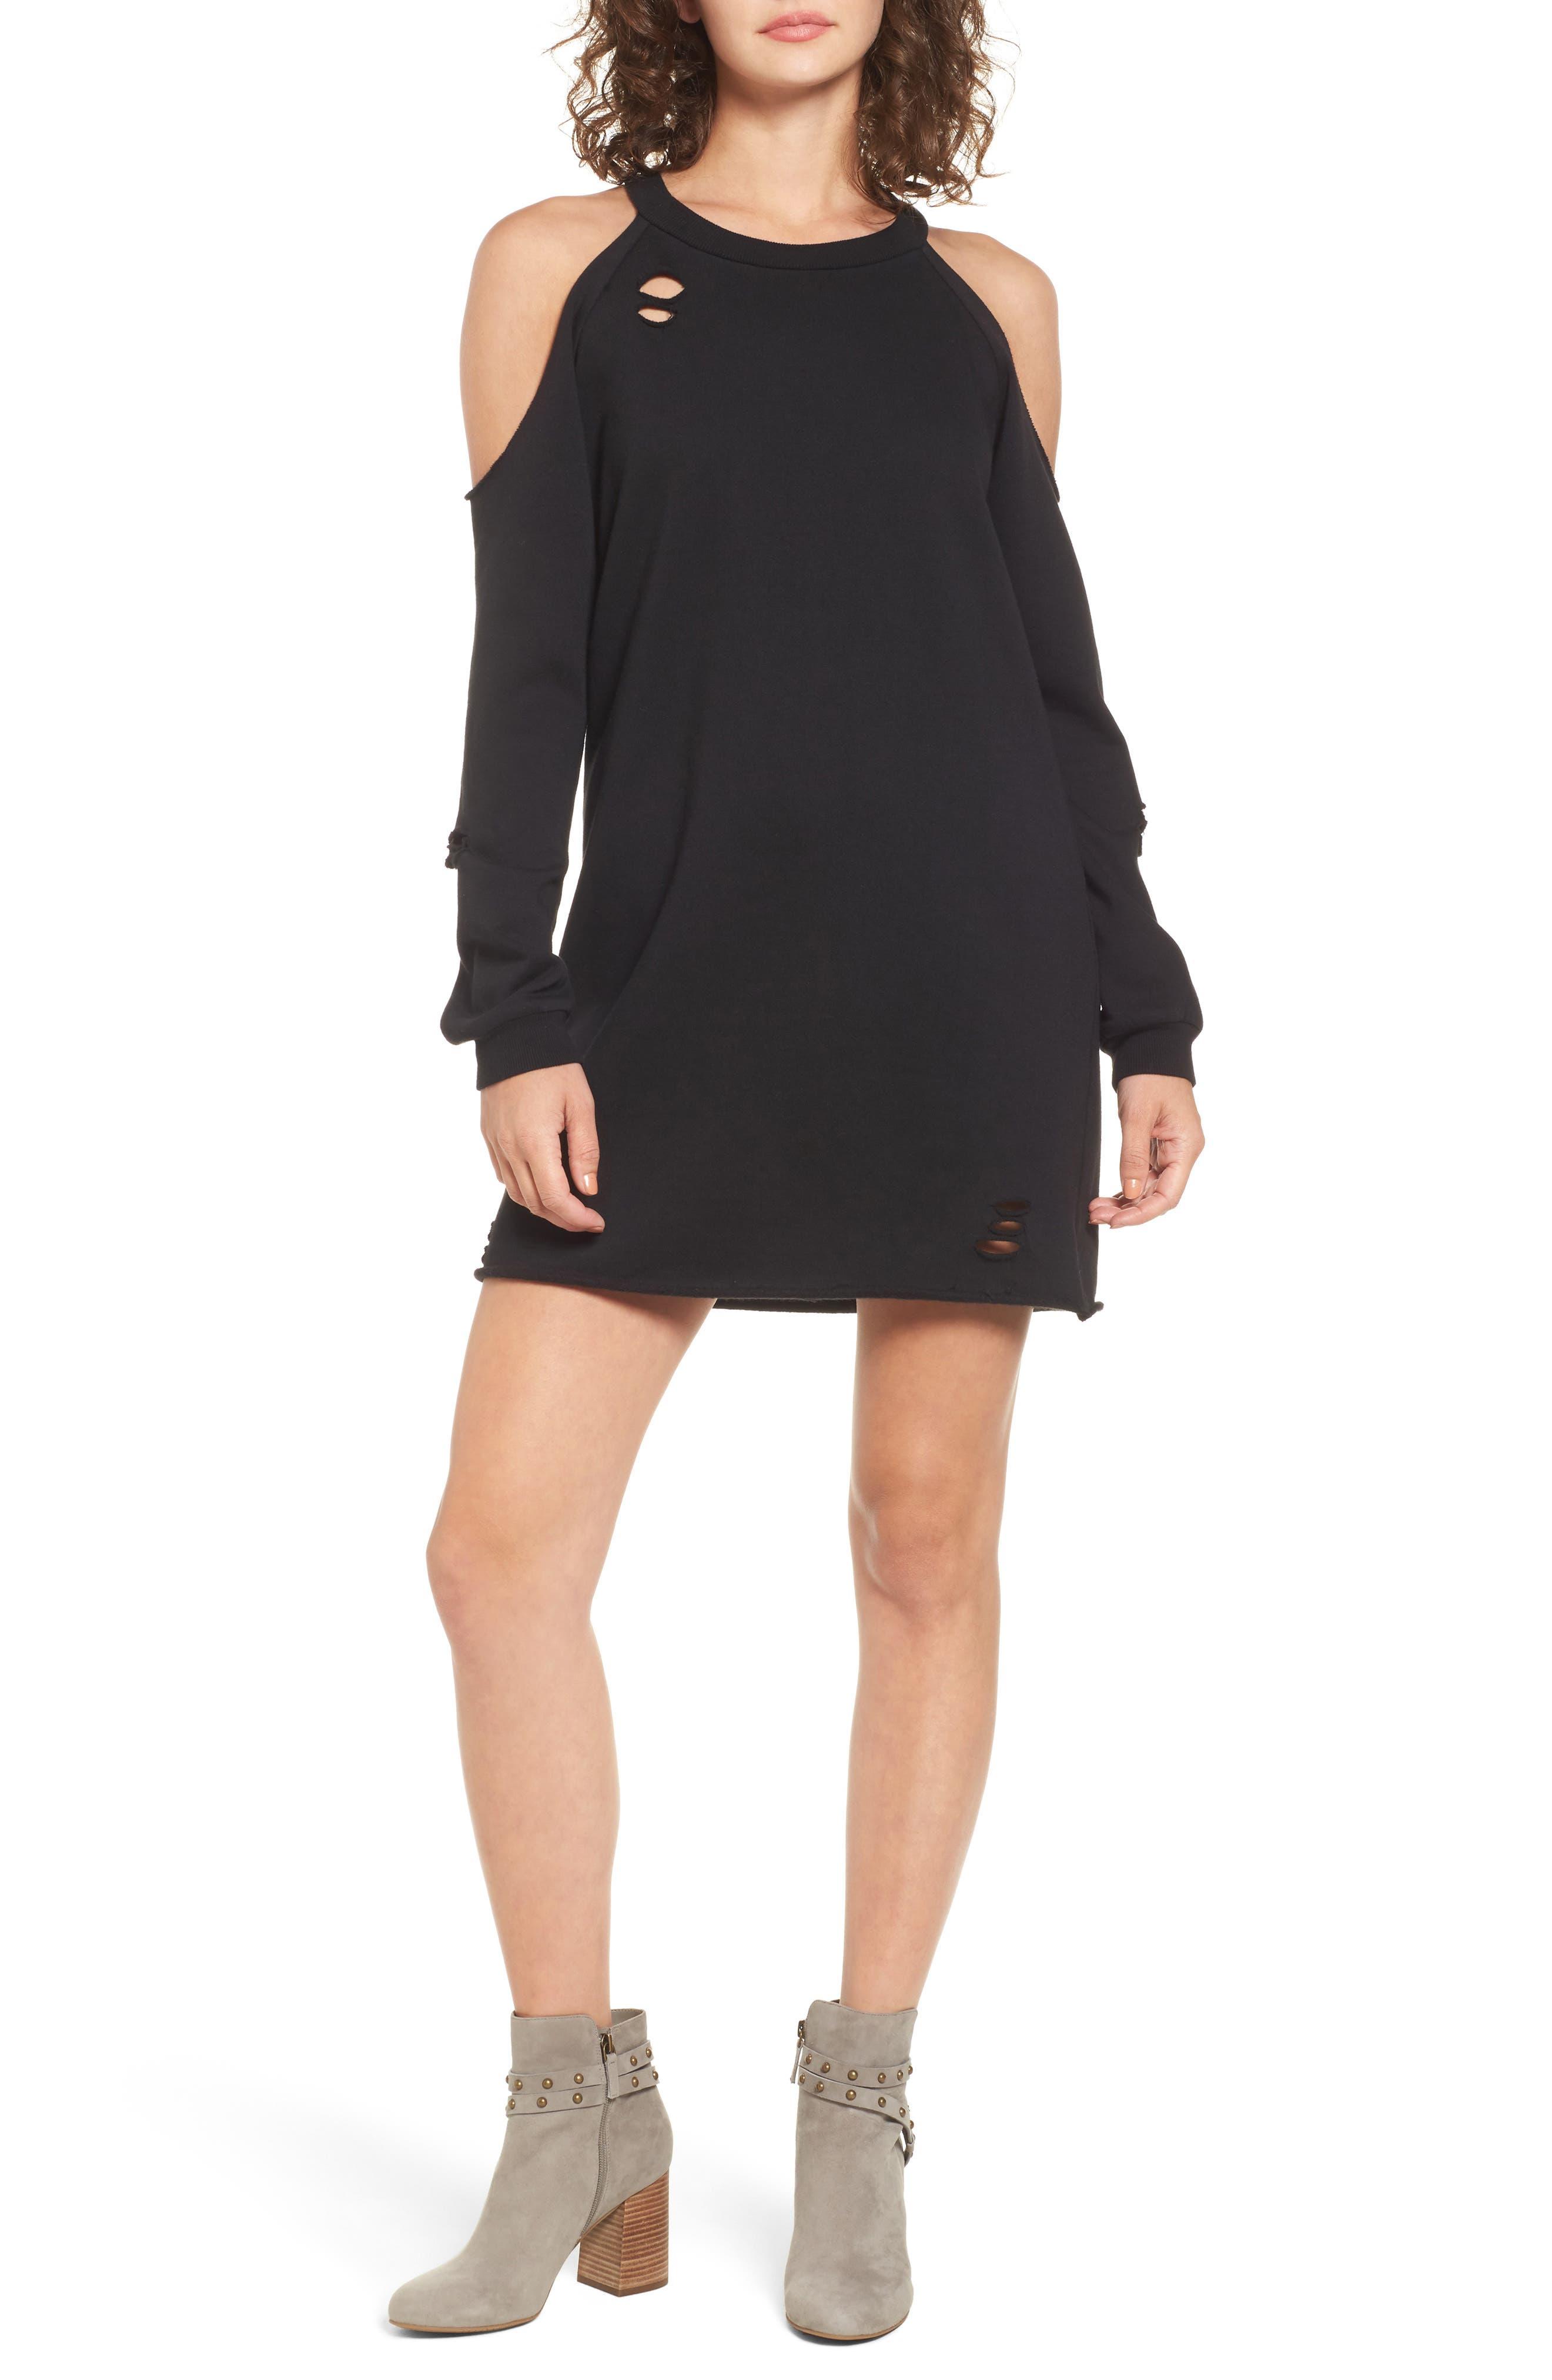 Socialite Cold-Shoulder Sweatshirt Dress